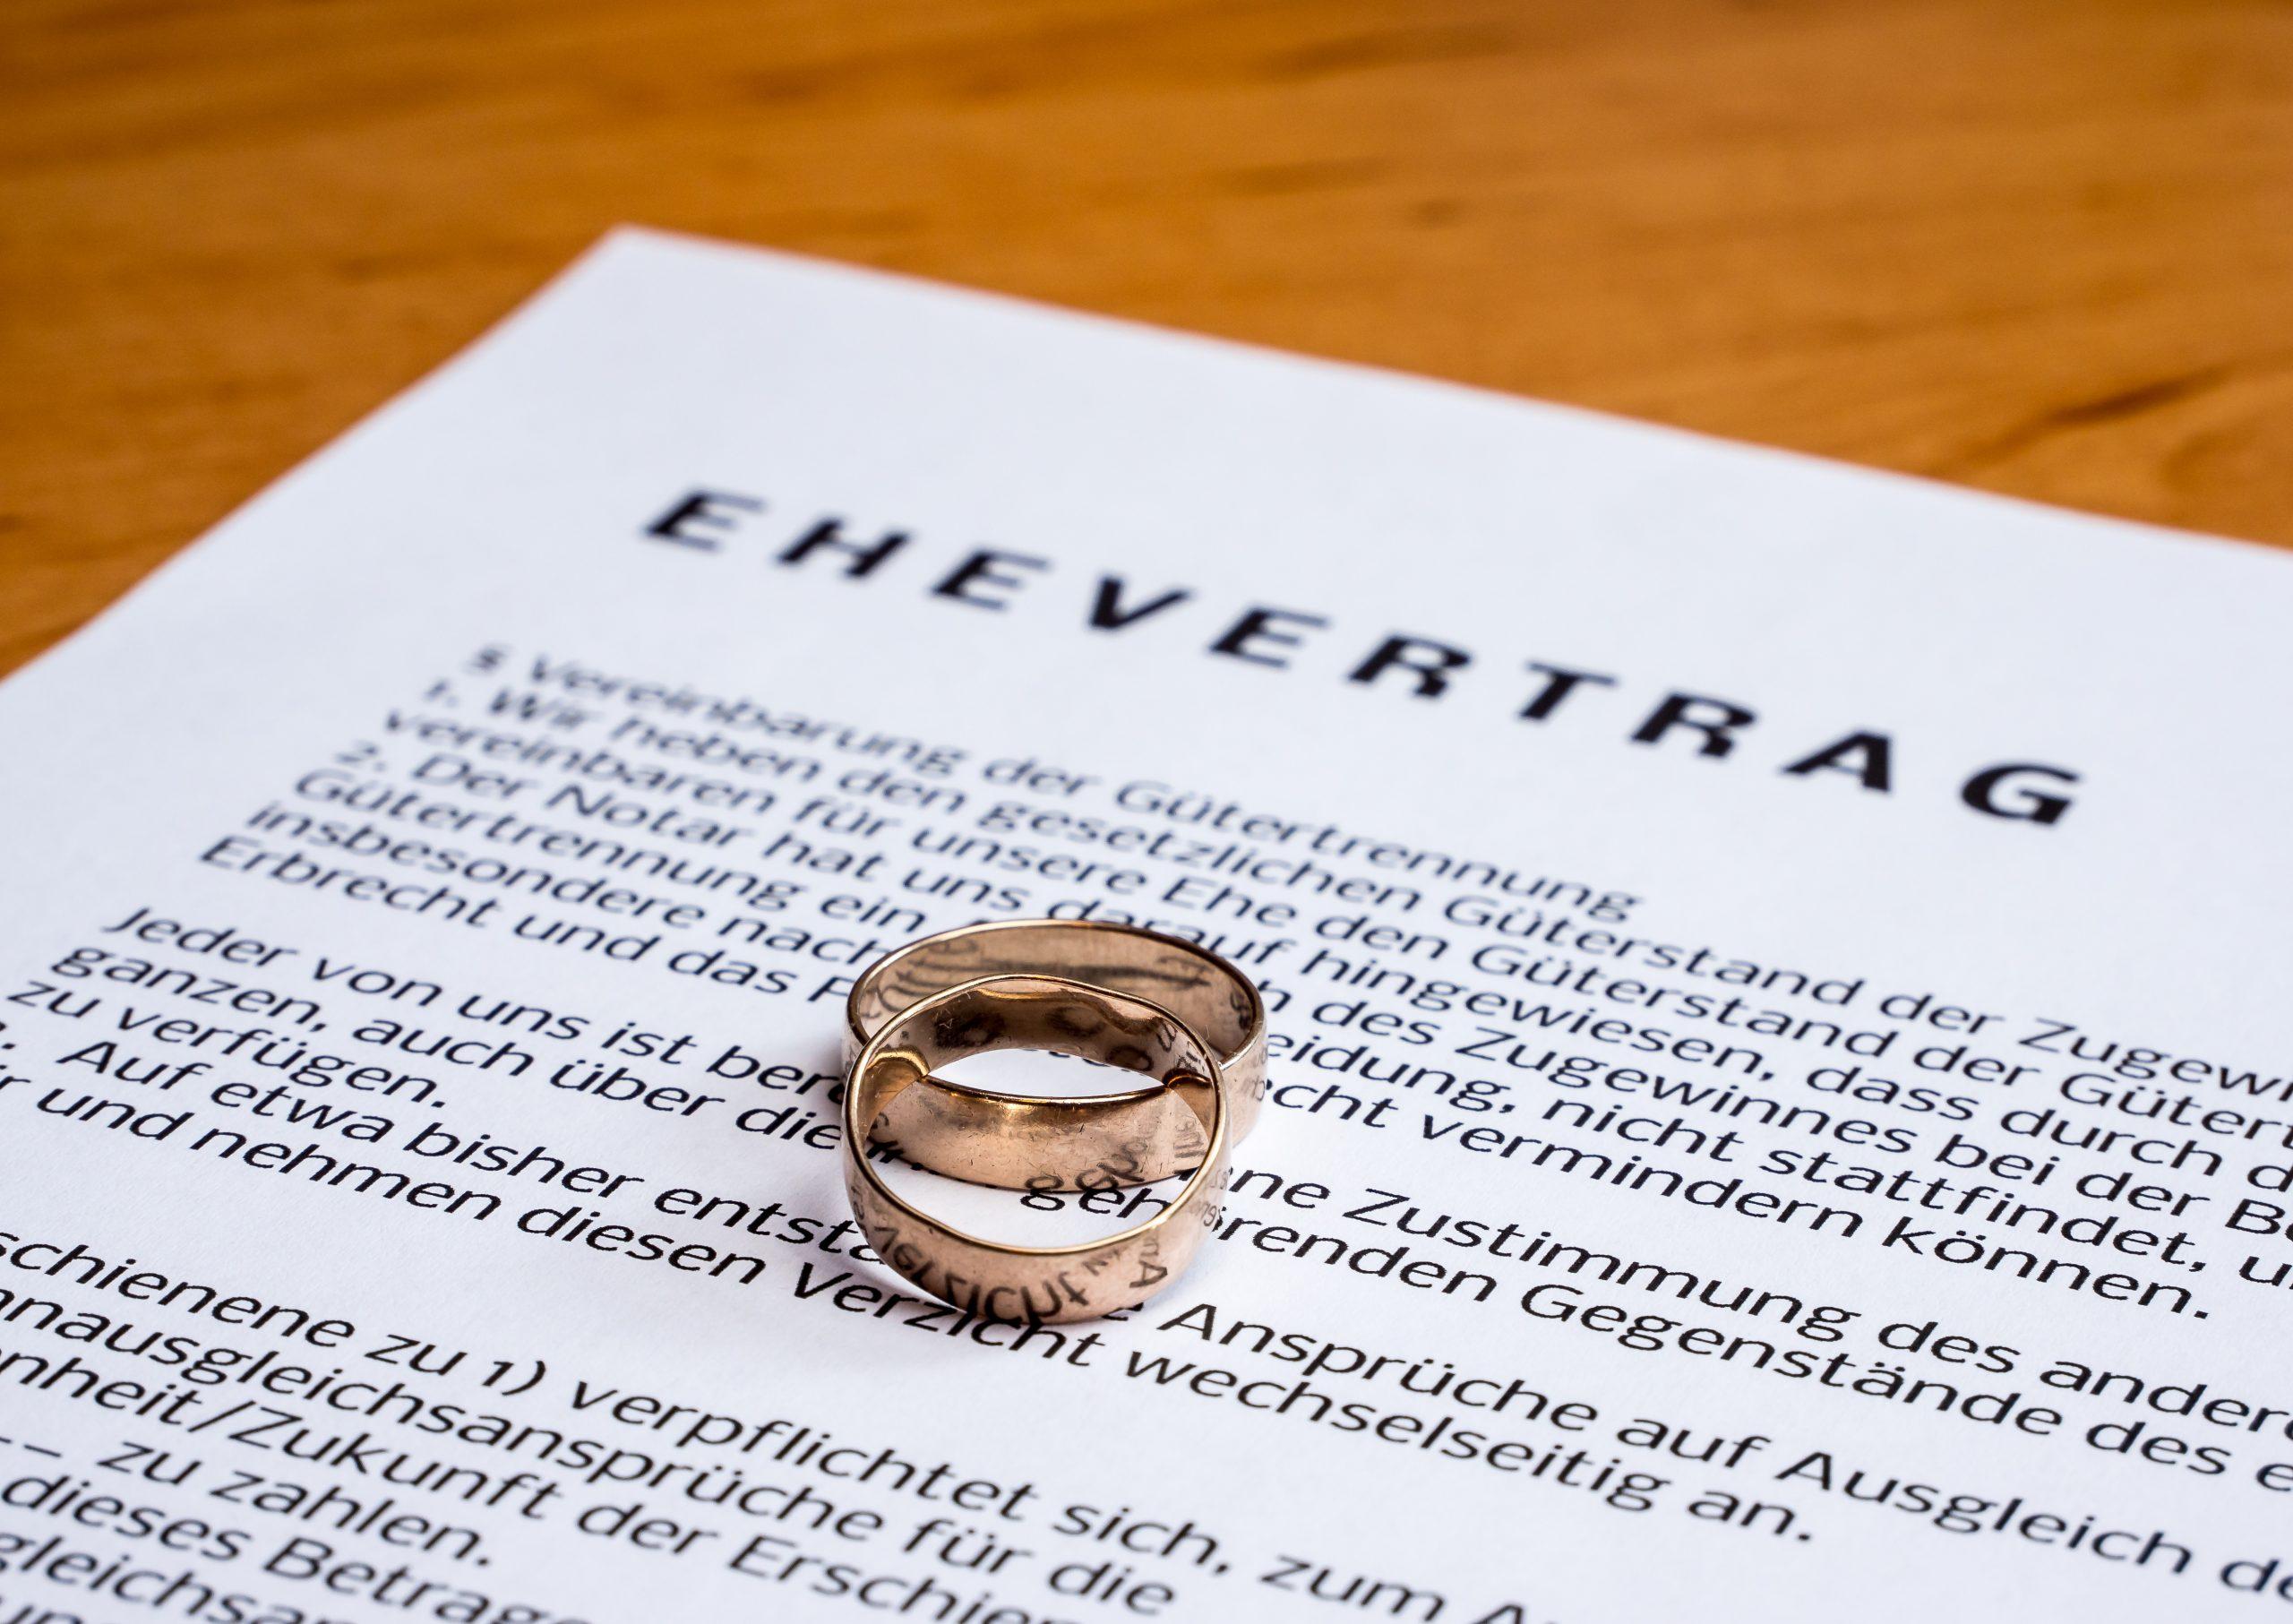 Heirat ehevertrag güterstand ohne Ehevertrag nach